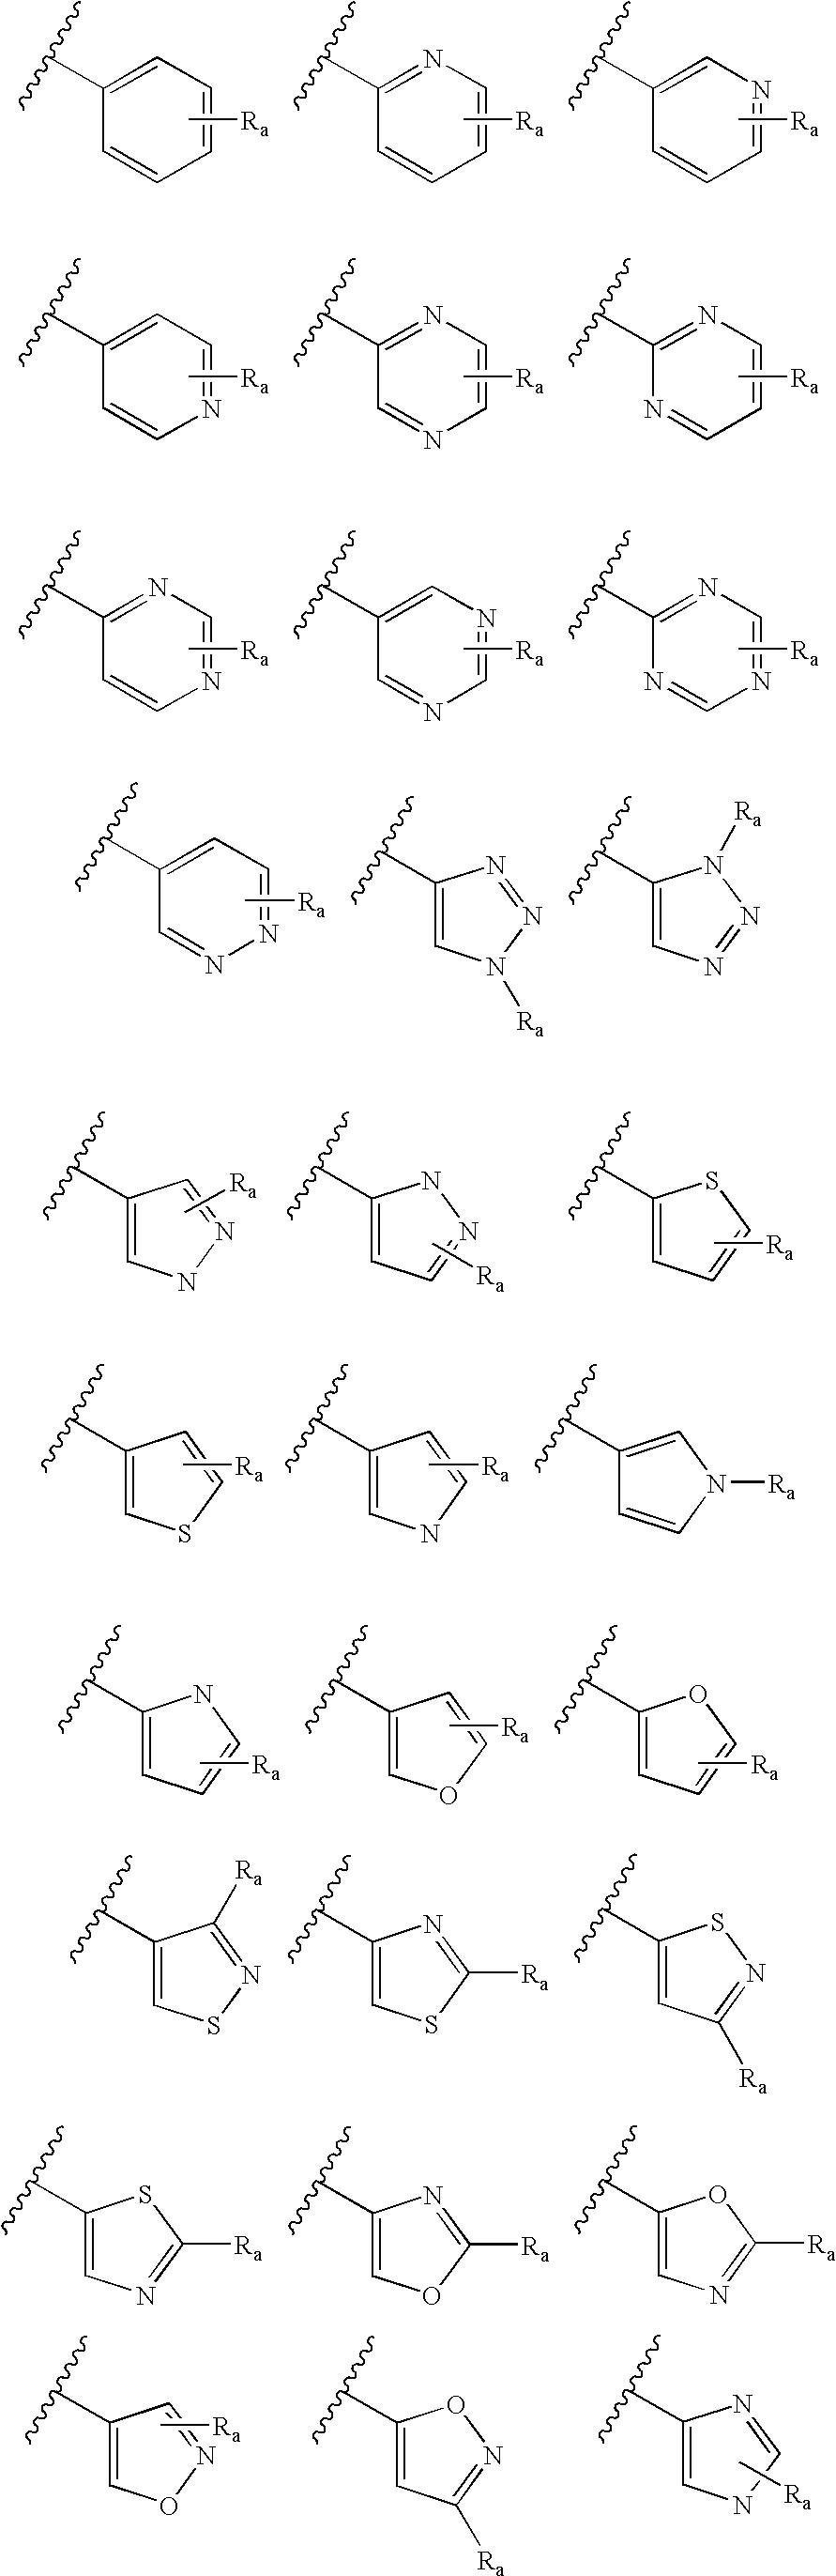 Figure US20070015748A1-20070118-C00013